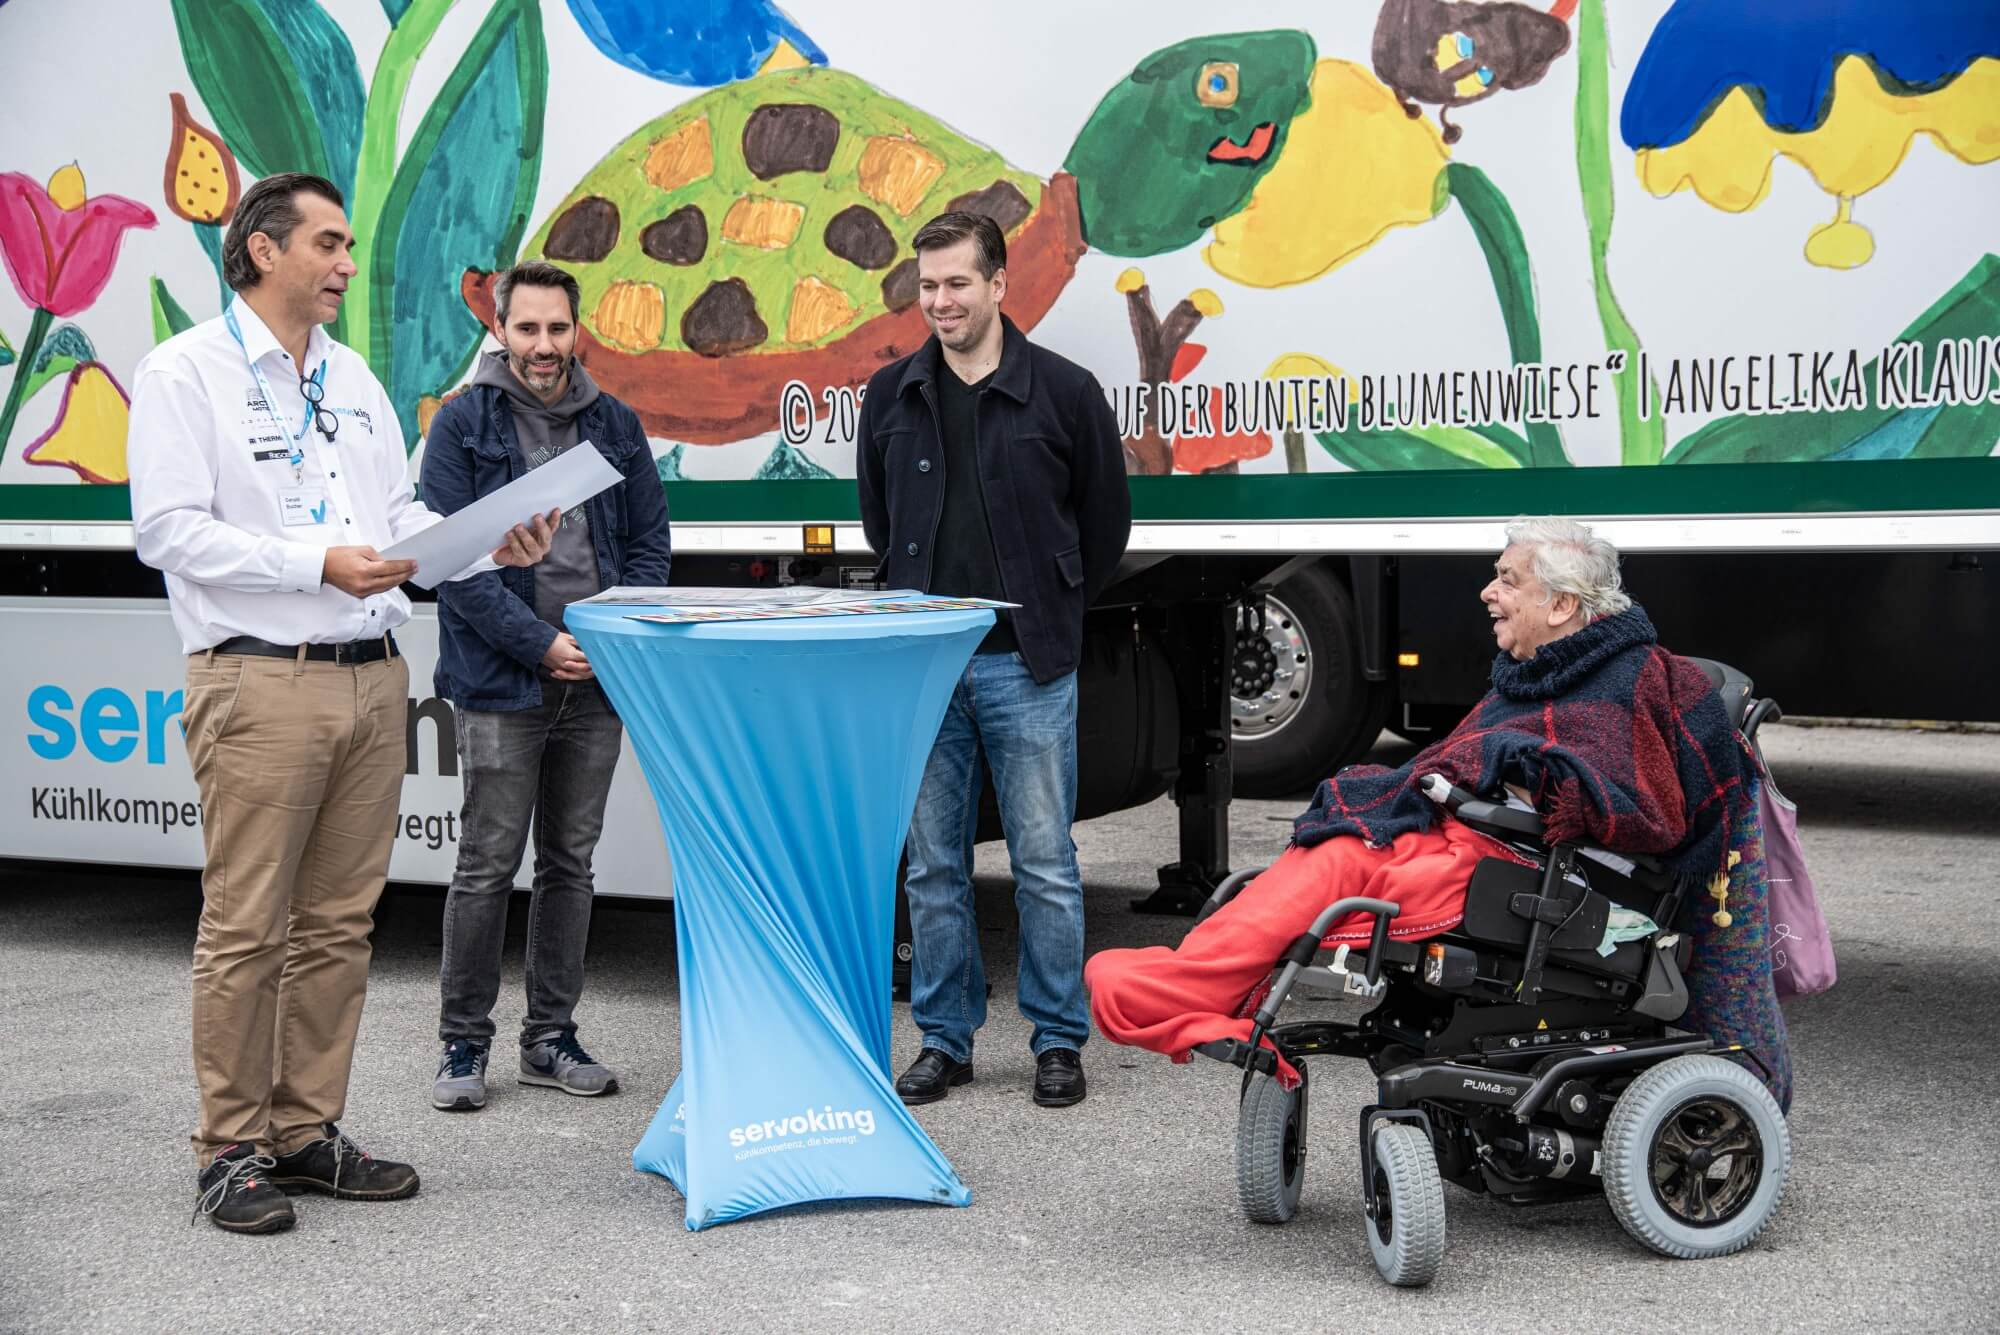 Gerakd Bucher von Servoking überreicht Künstlerin Lisi Hinterlechner die Urkunde für den 3. Platz beim VOI fesch Kunstpreis. Im Hintergrund stehen Christian Hammer von echtleinwand.at und Helmuth Stöber von VOI fesch.